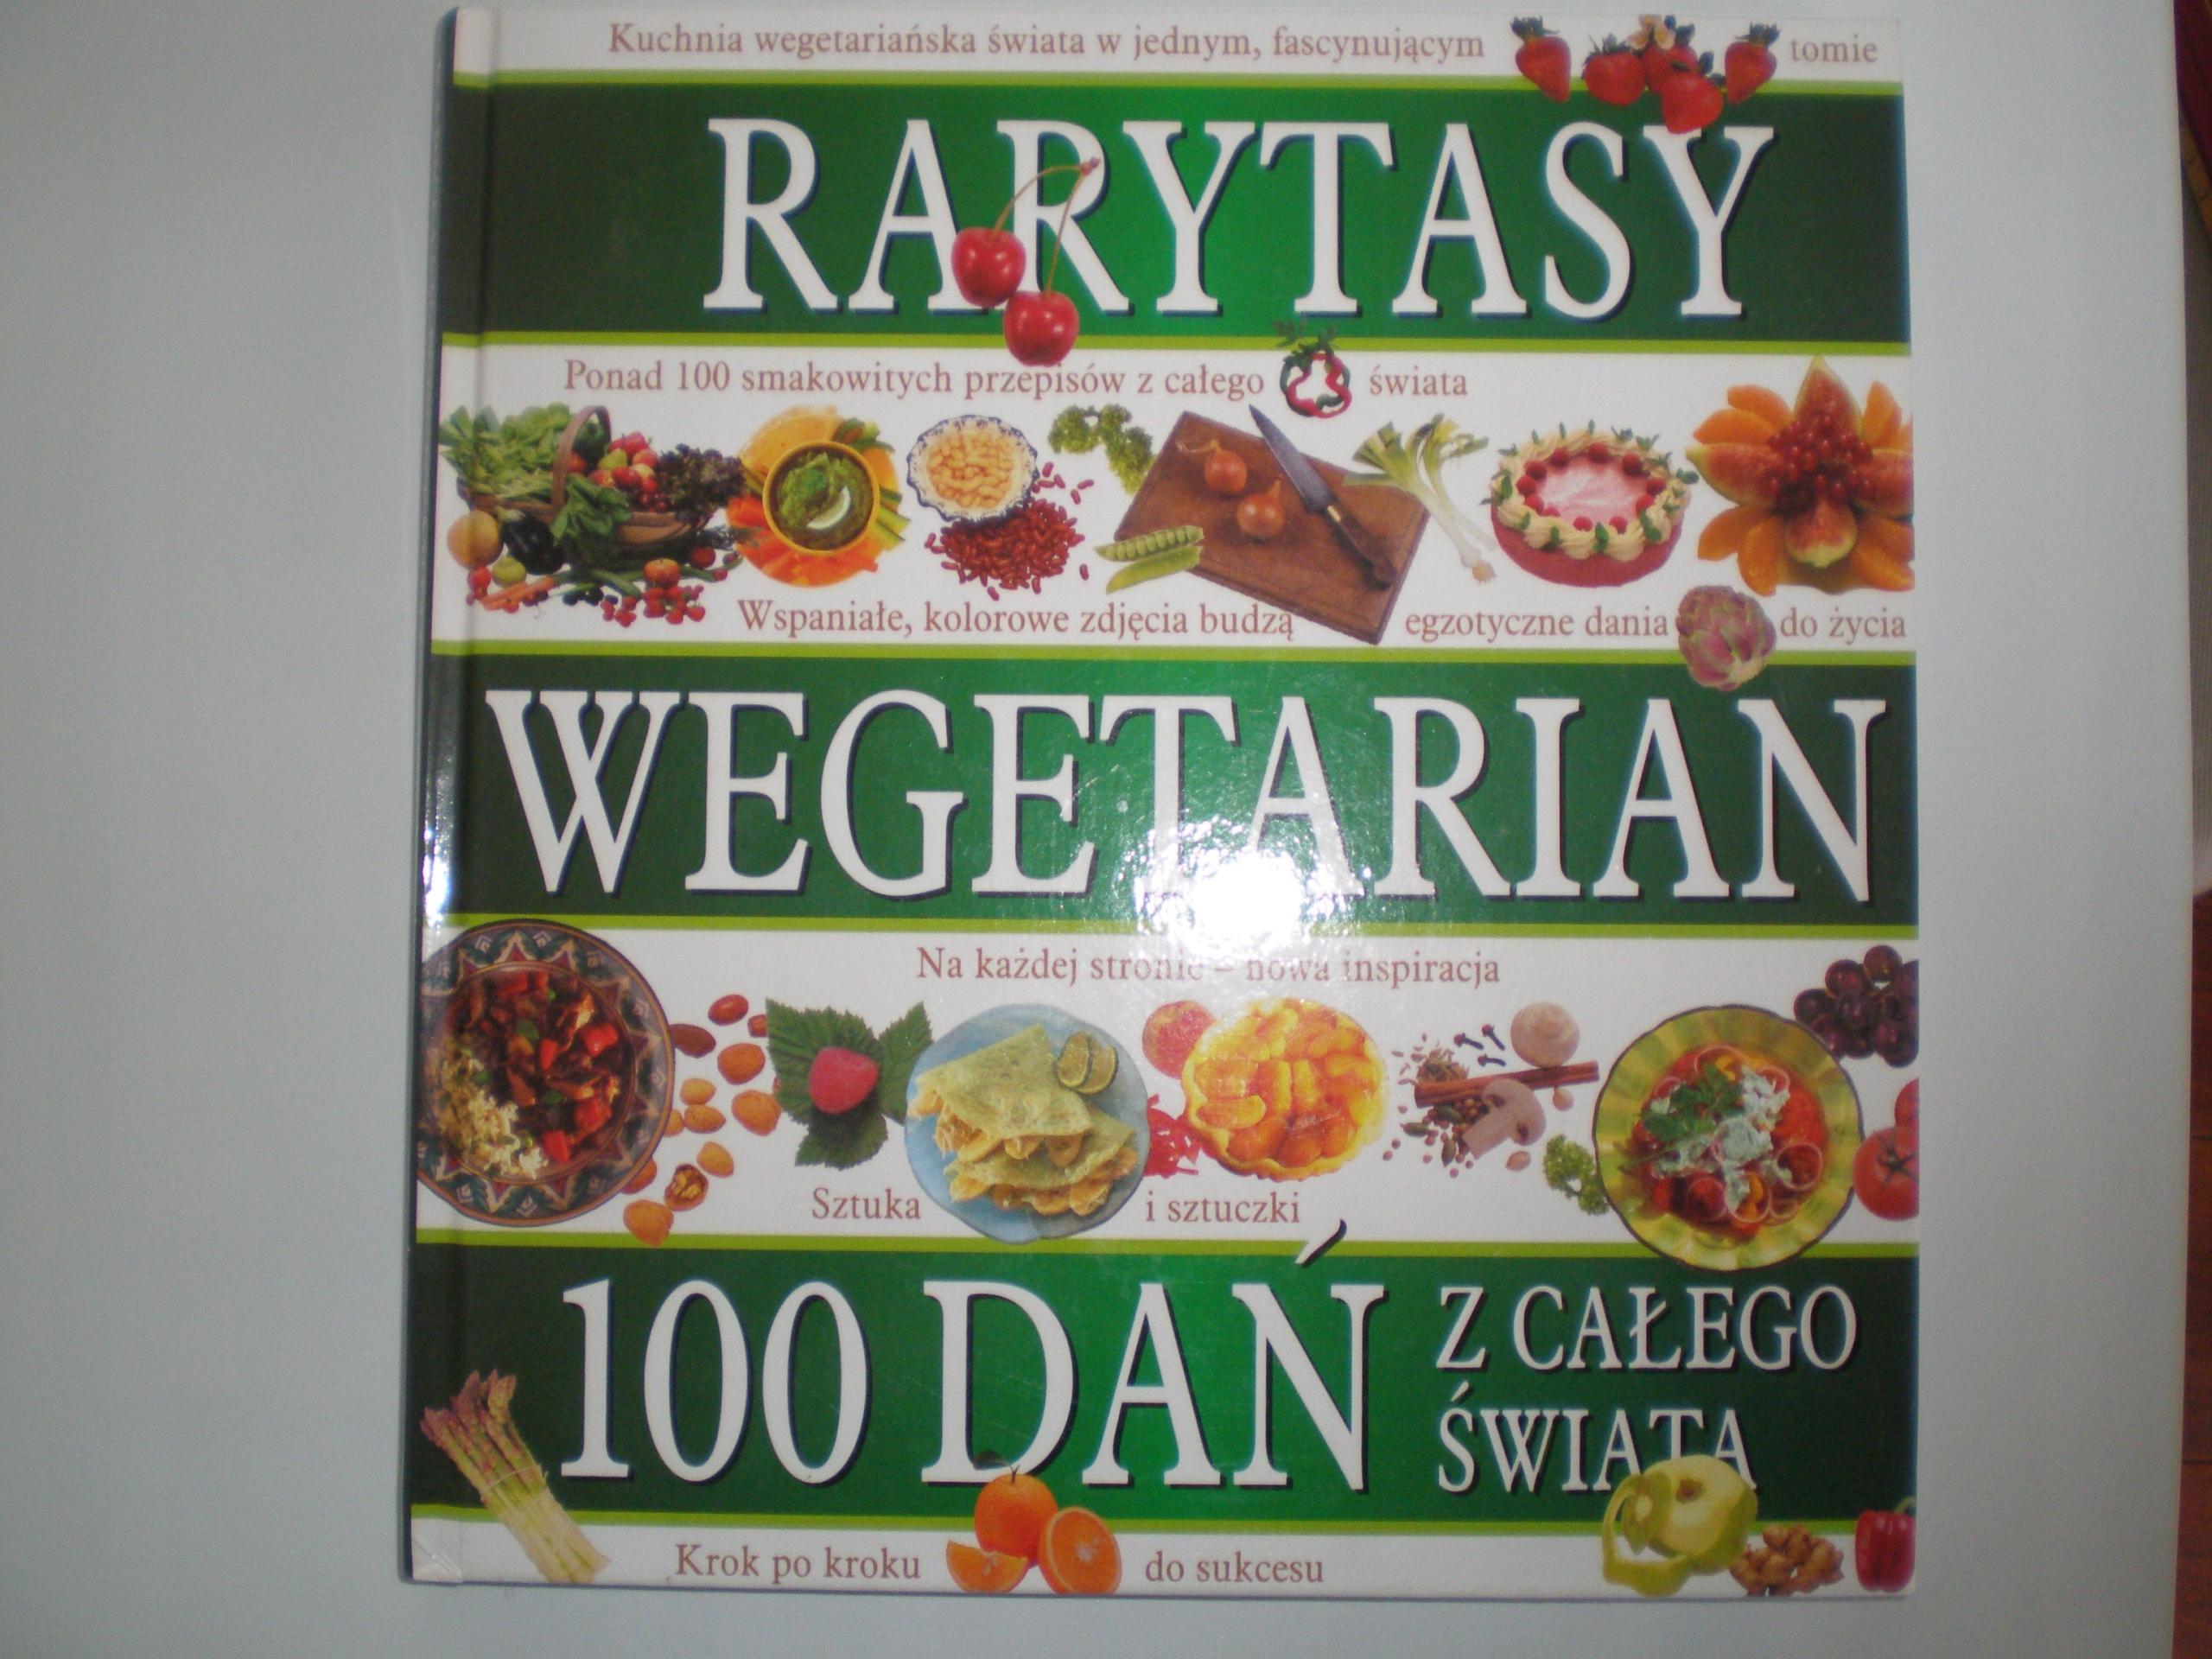 Kuchnia Wegetarianska Uzywany W Oficjalnym Archiwum Allegro Strona